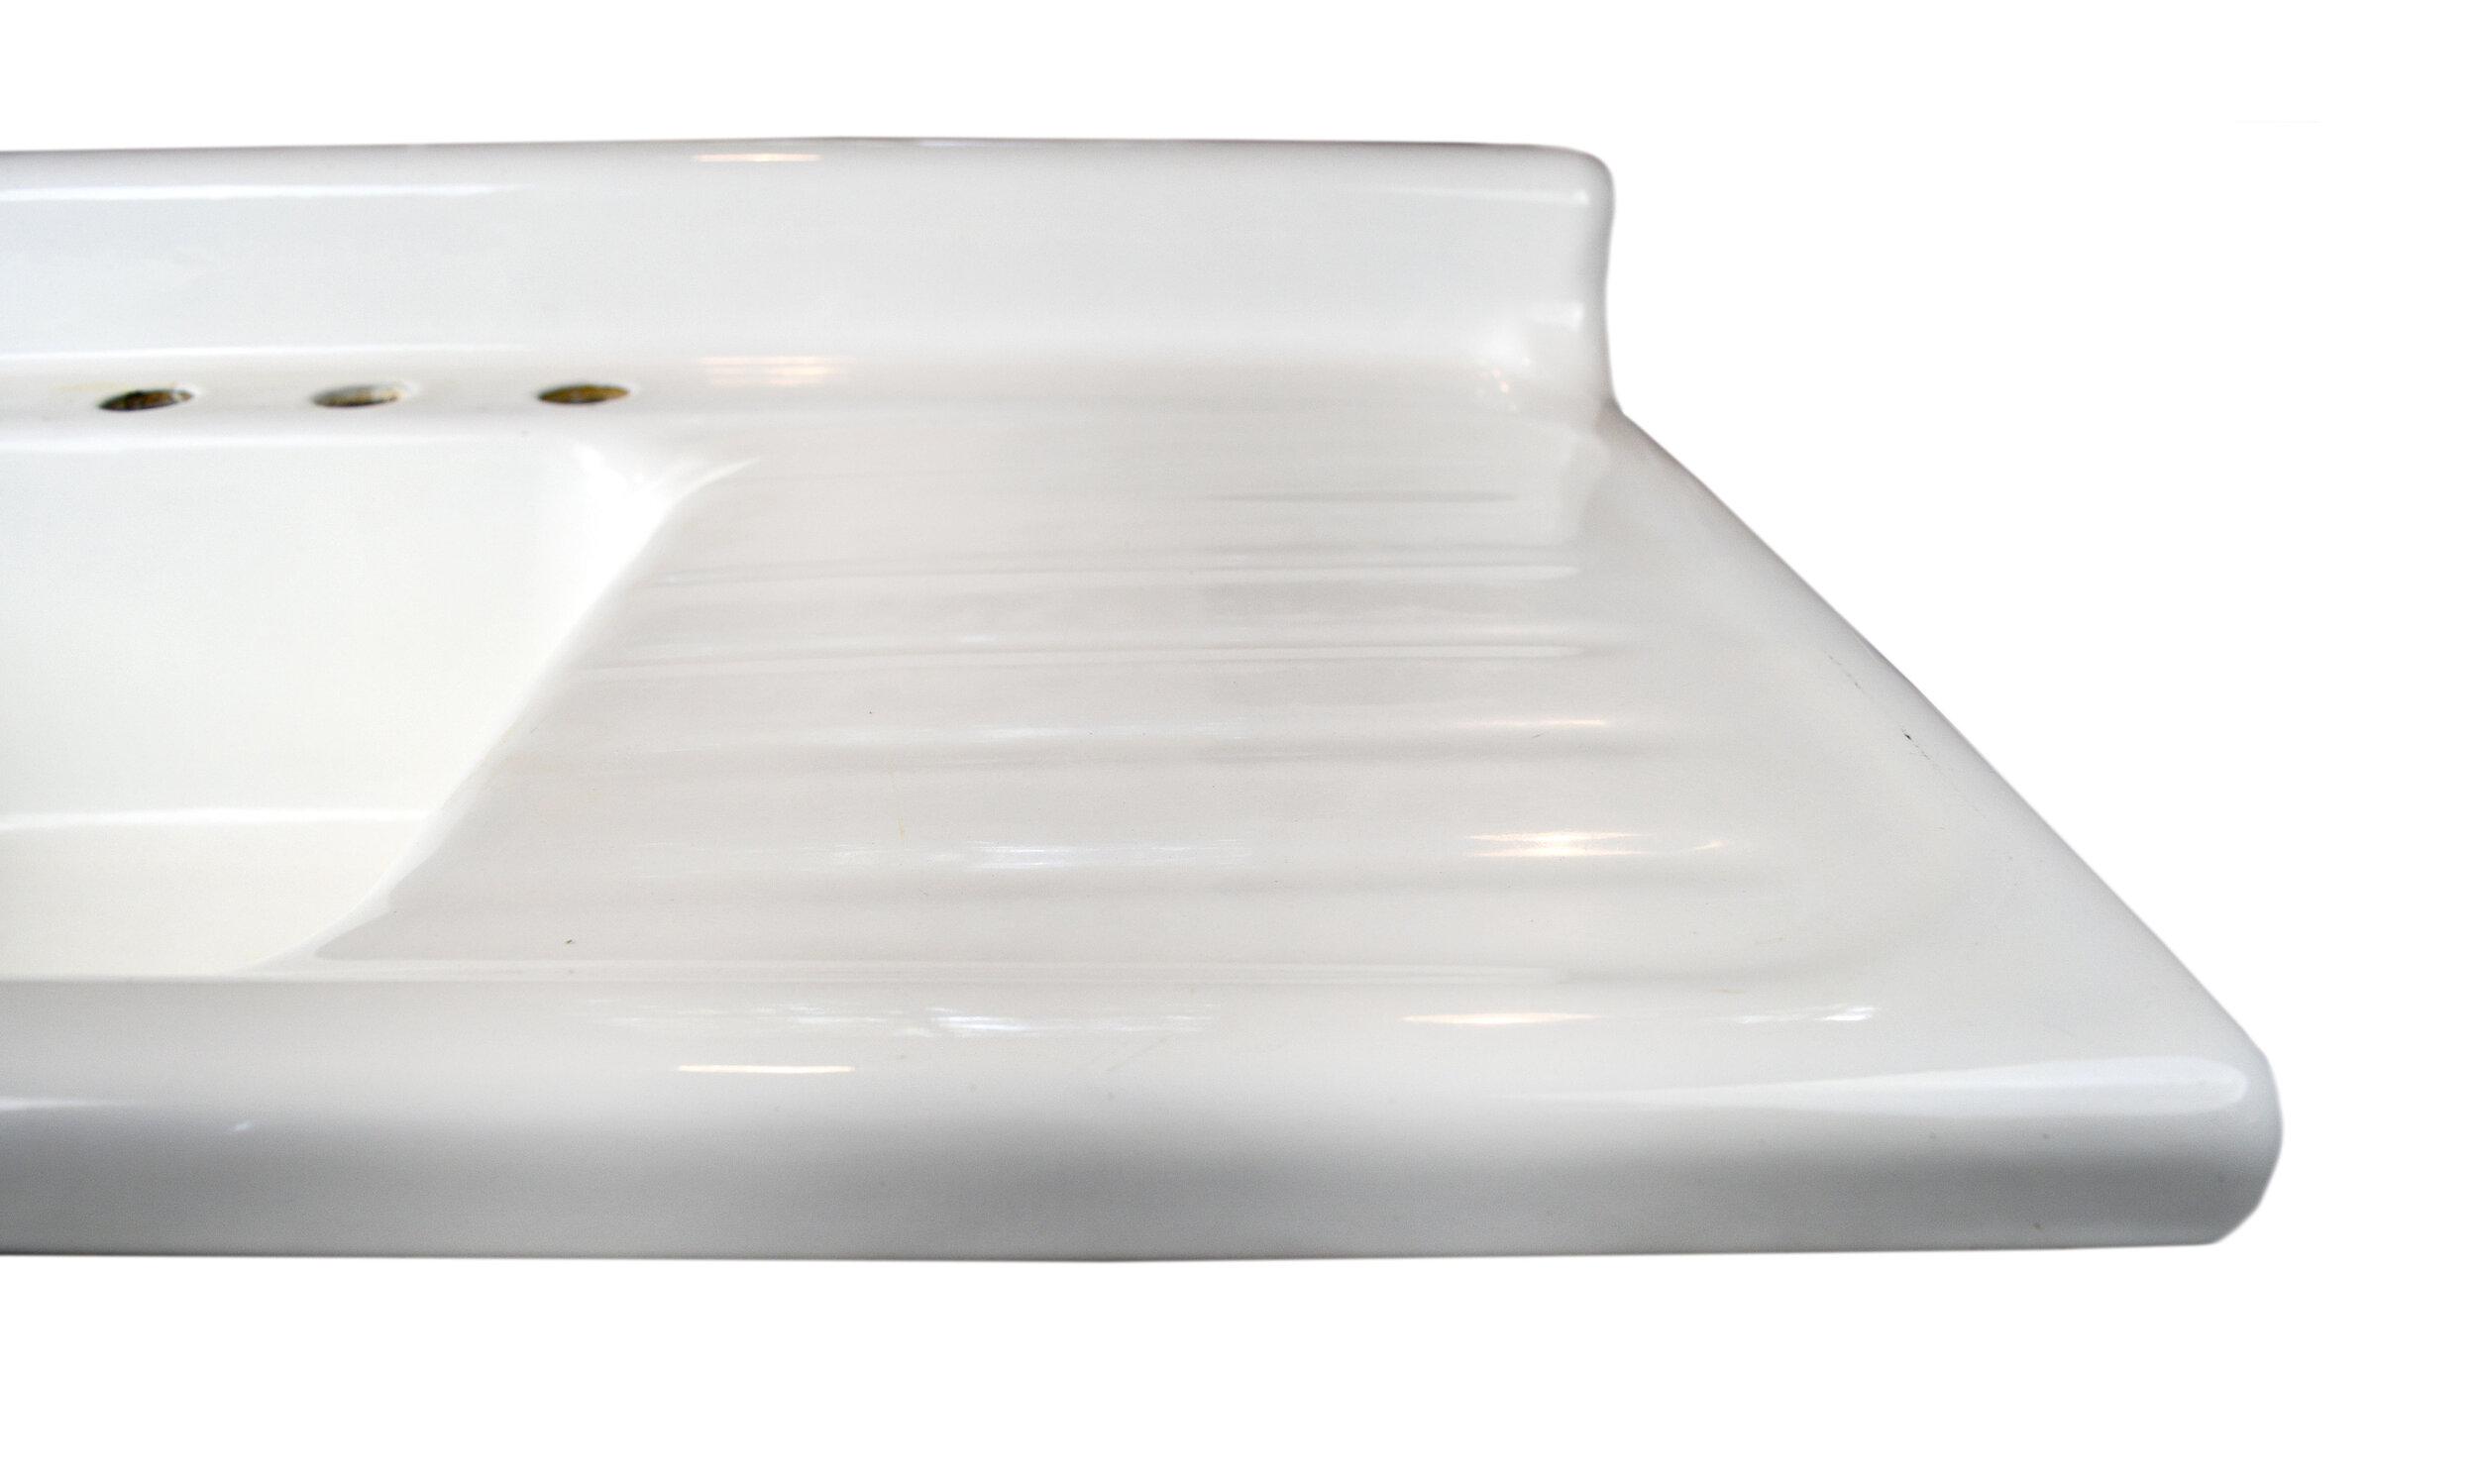 standard-double-sink-3.jpg